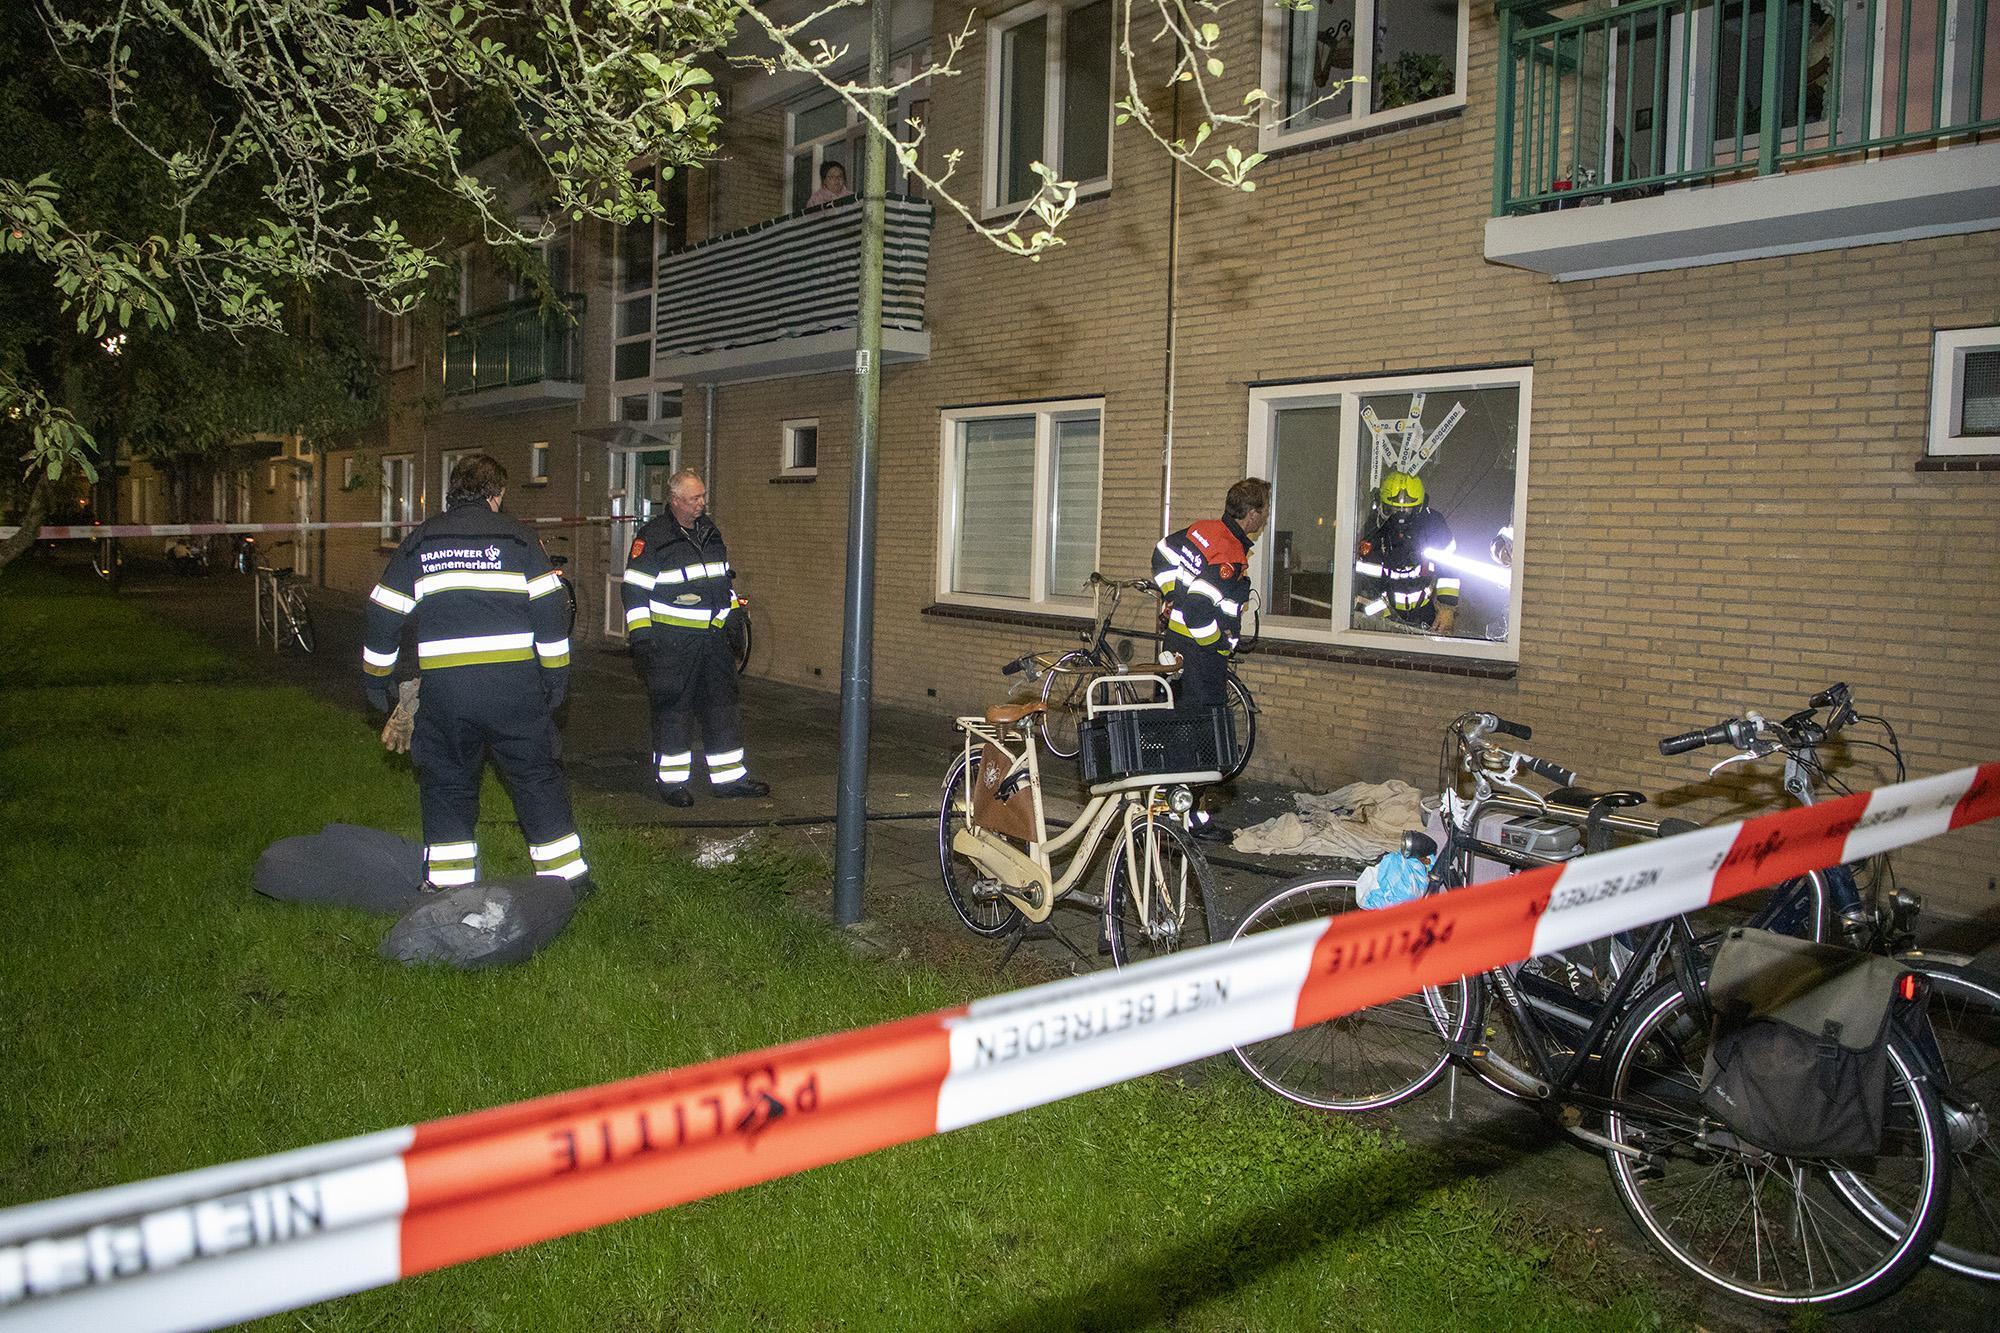 Haarlemse zwakbegaafde is opgejaagd wild. De 32-jarige man is ondergedoken na online filmpje van 'pedojagers'